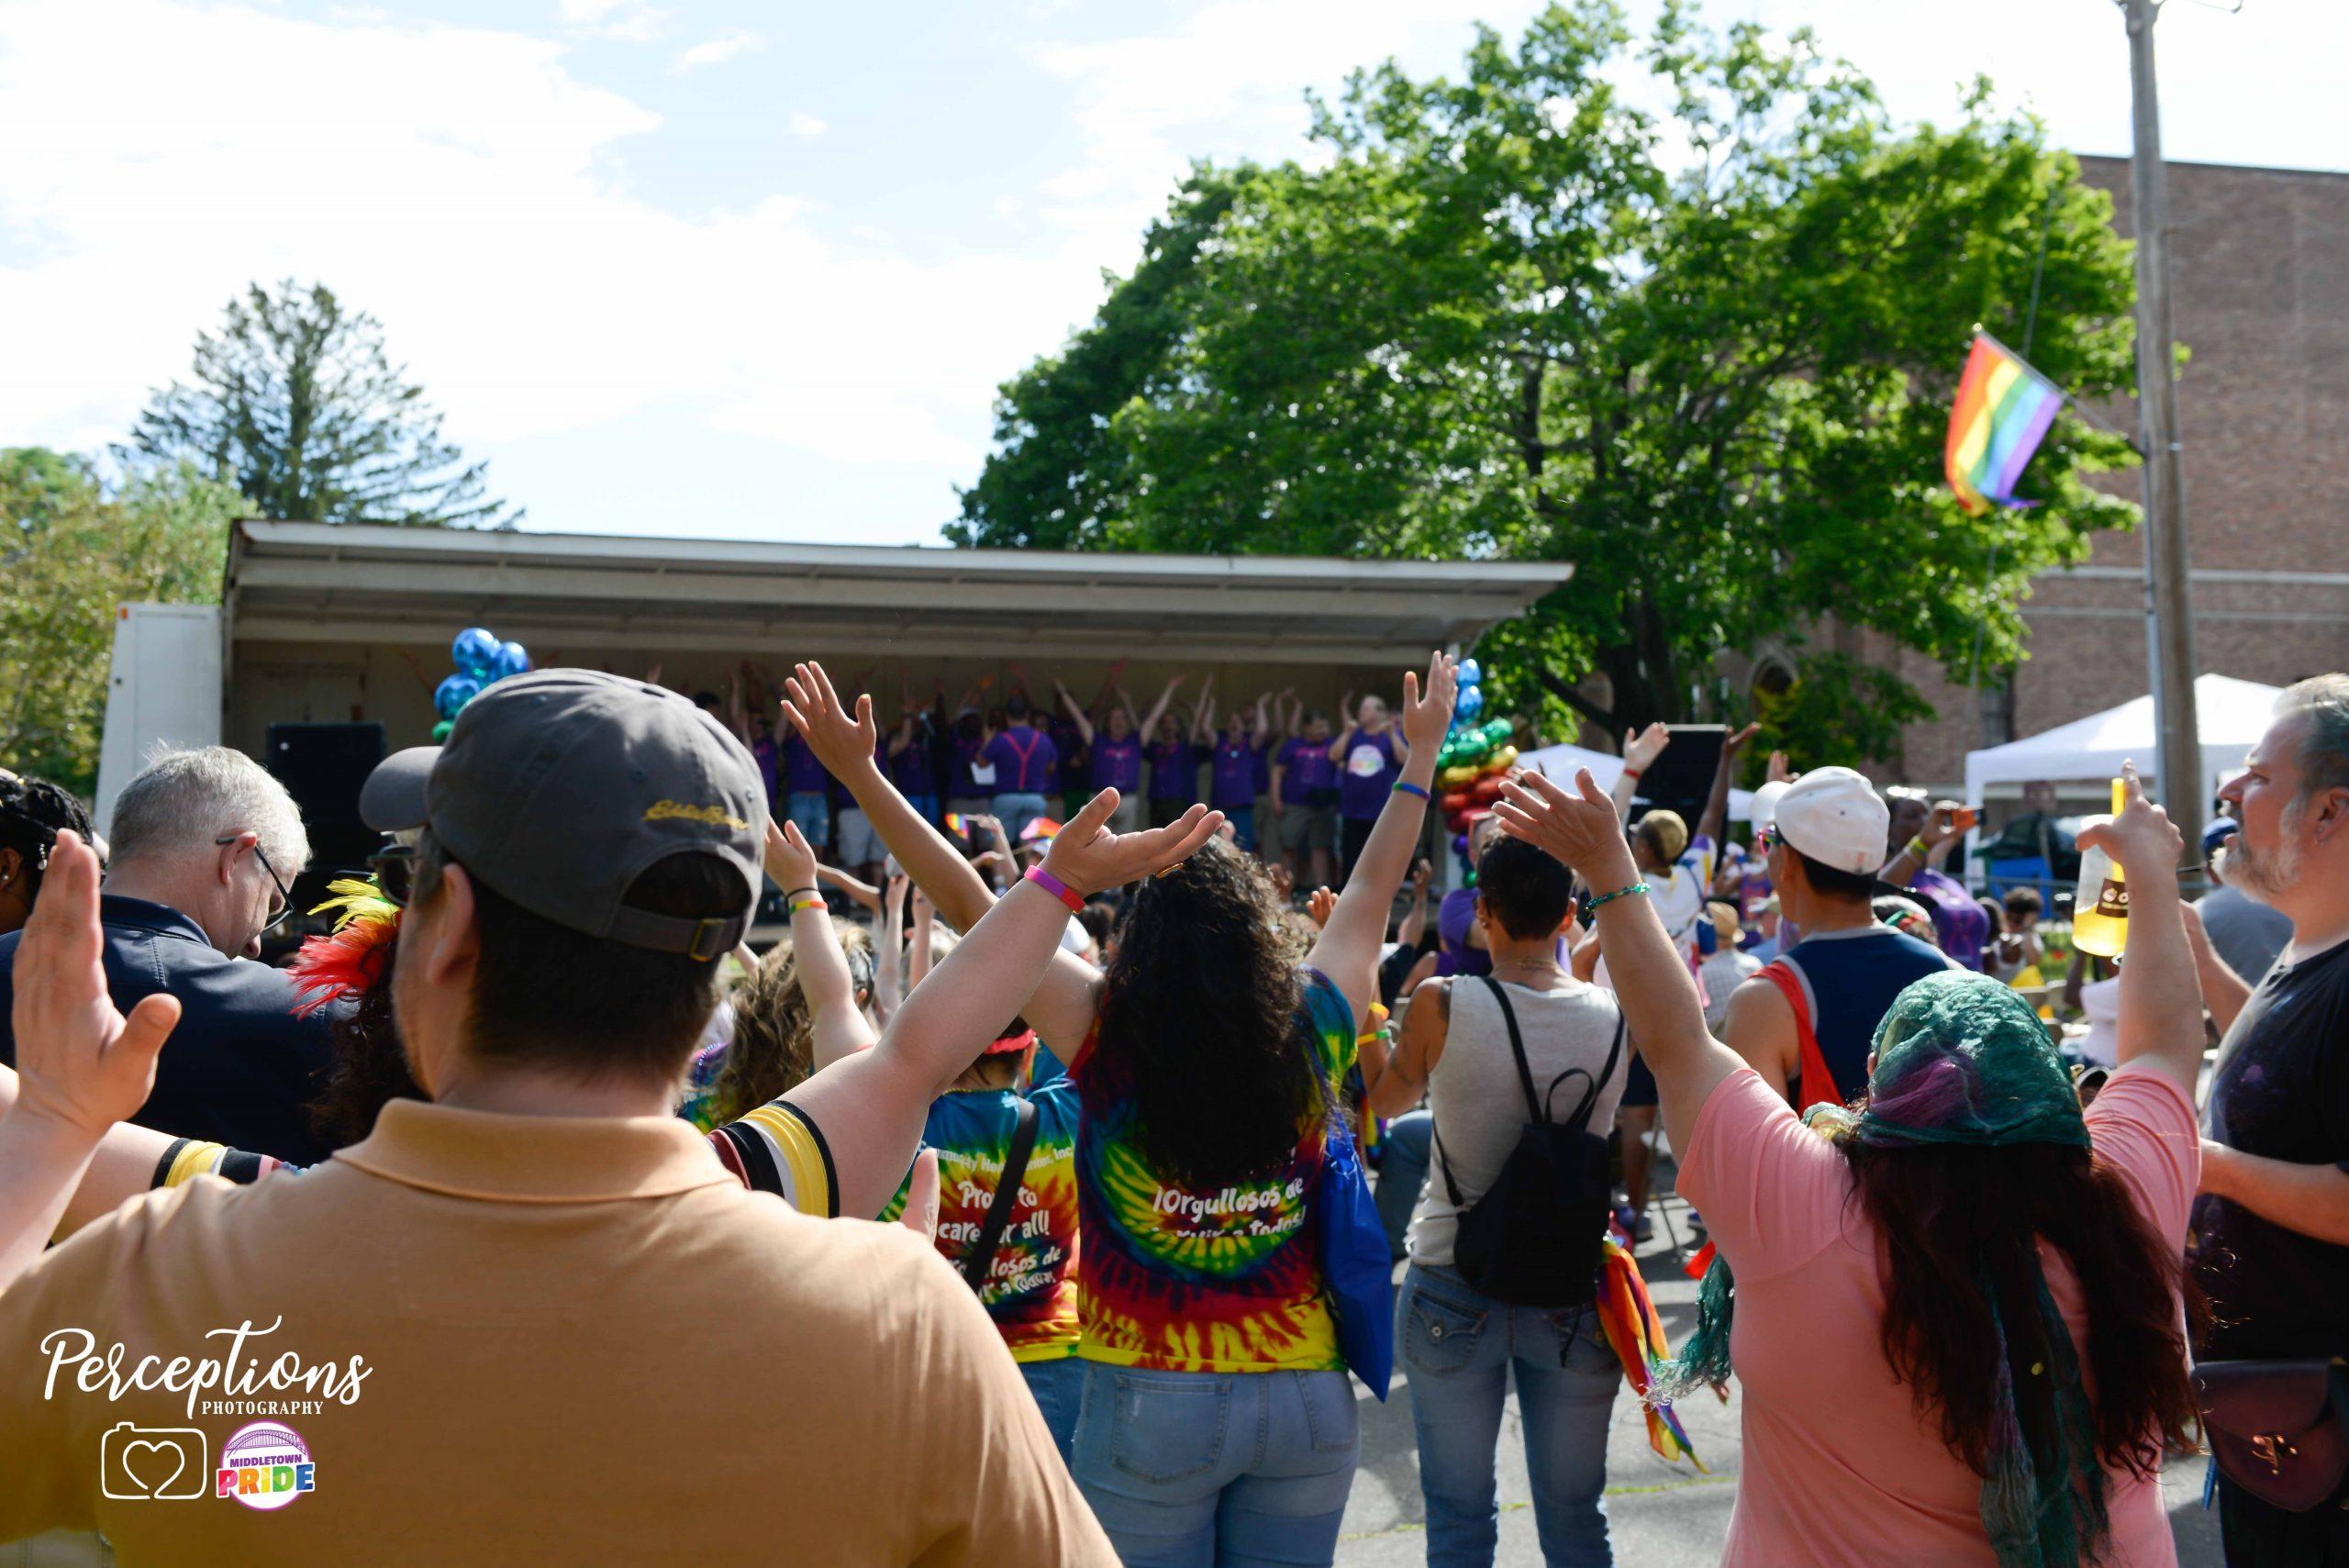 Middletown Pride Performers